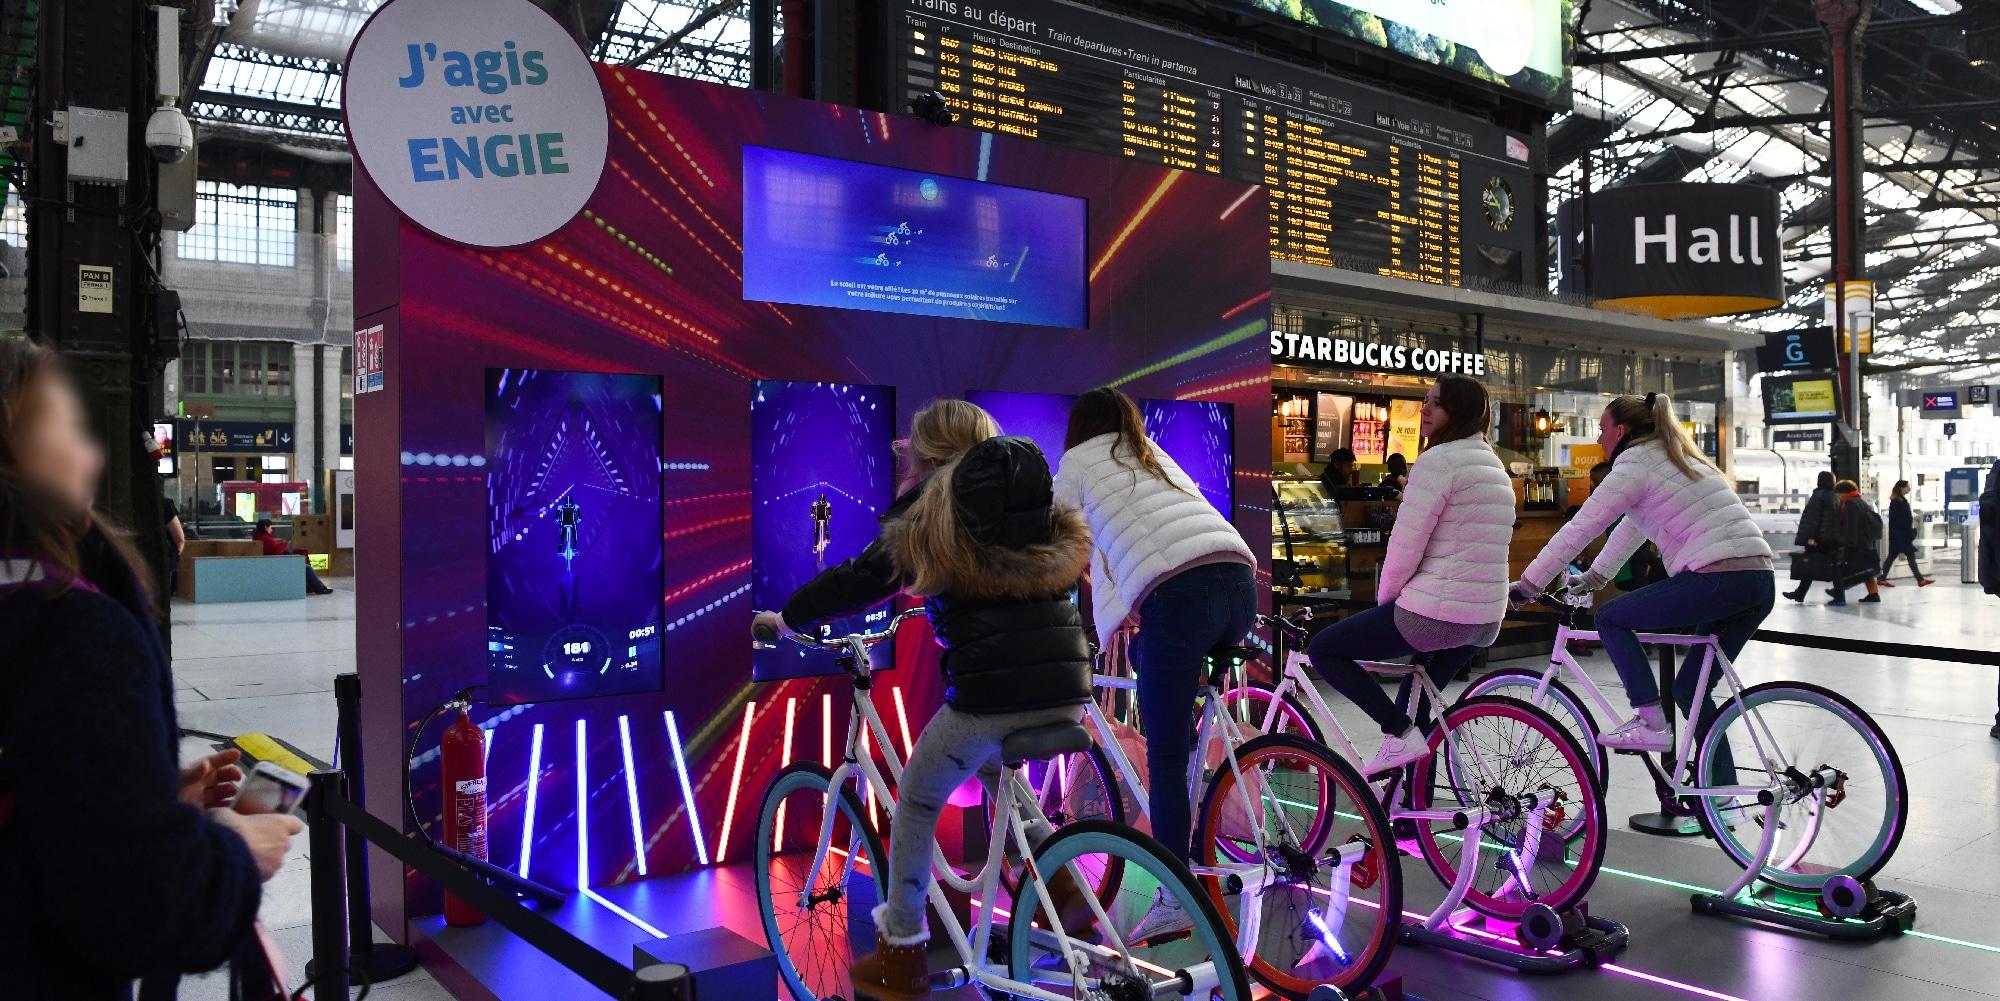 Mediatransports est la régie publicitaire leader de la communication au sein des transports publics.